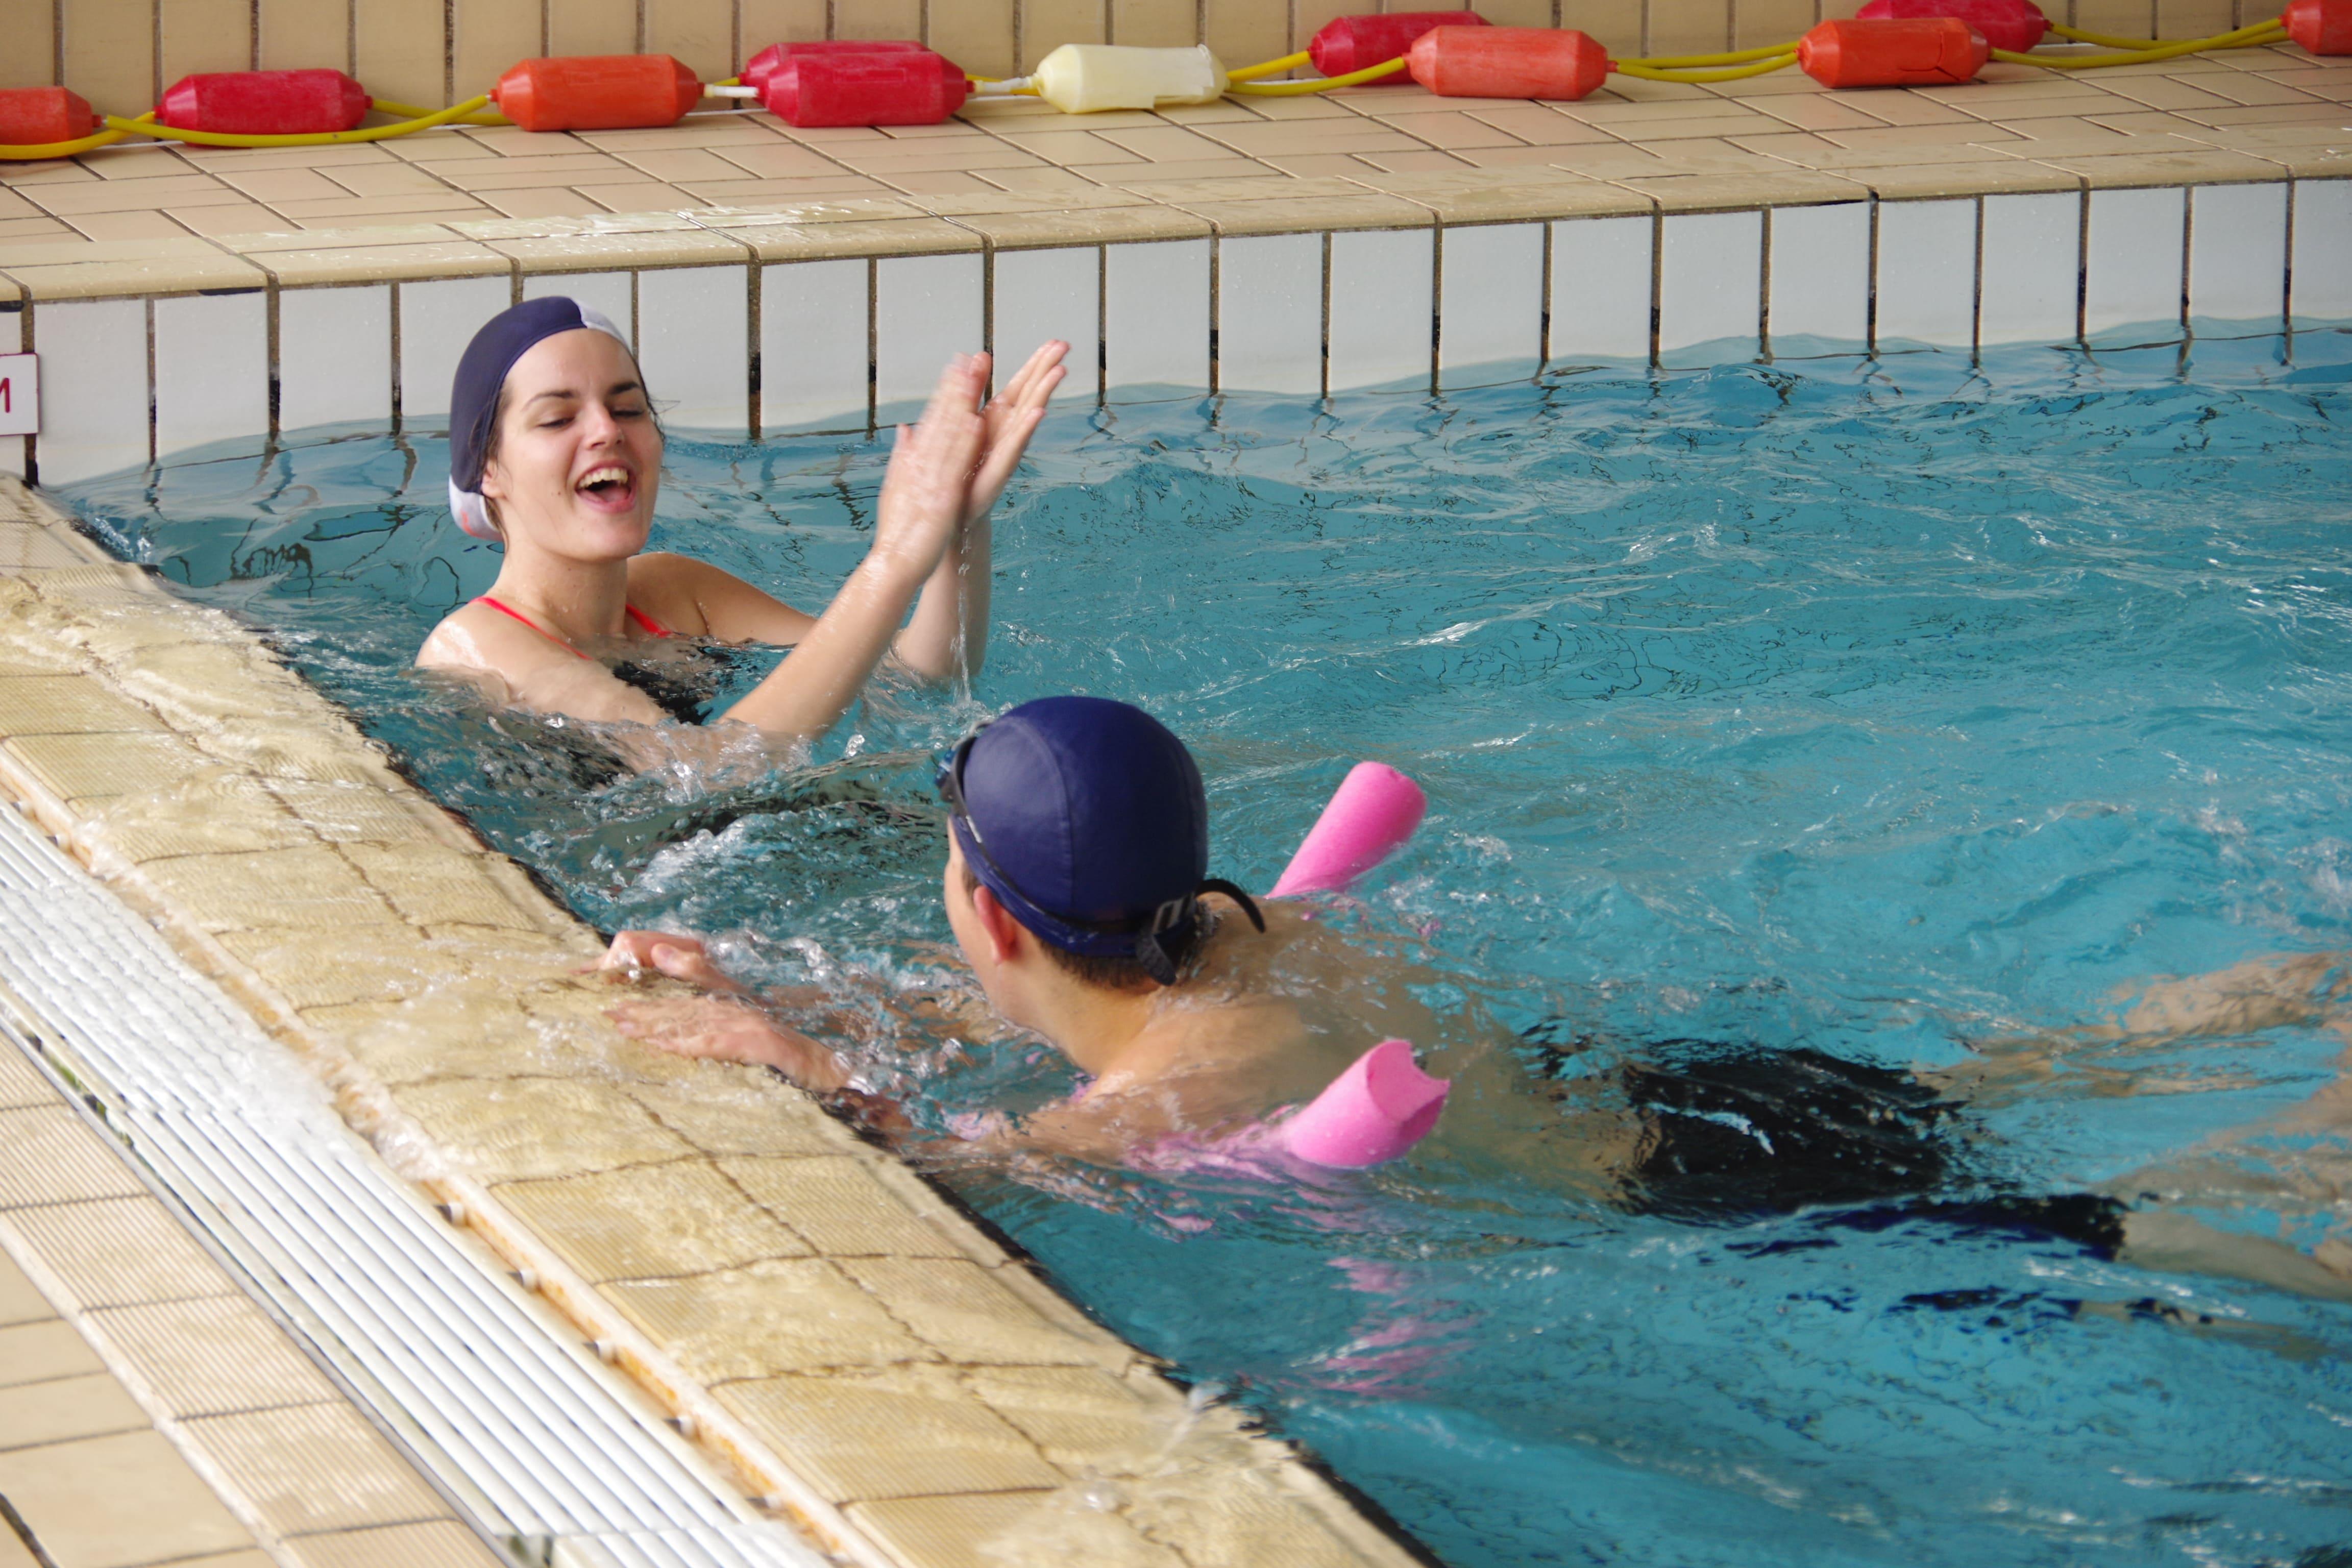 bénévole en train d'applaudir un jeune pendant l'activité piscine